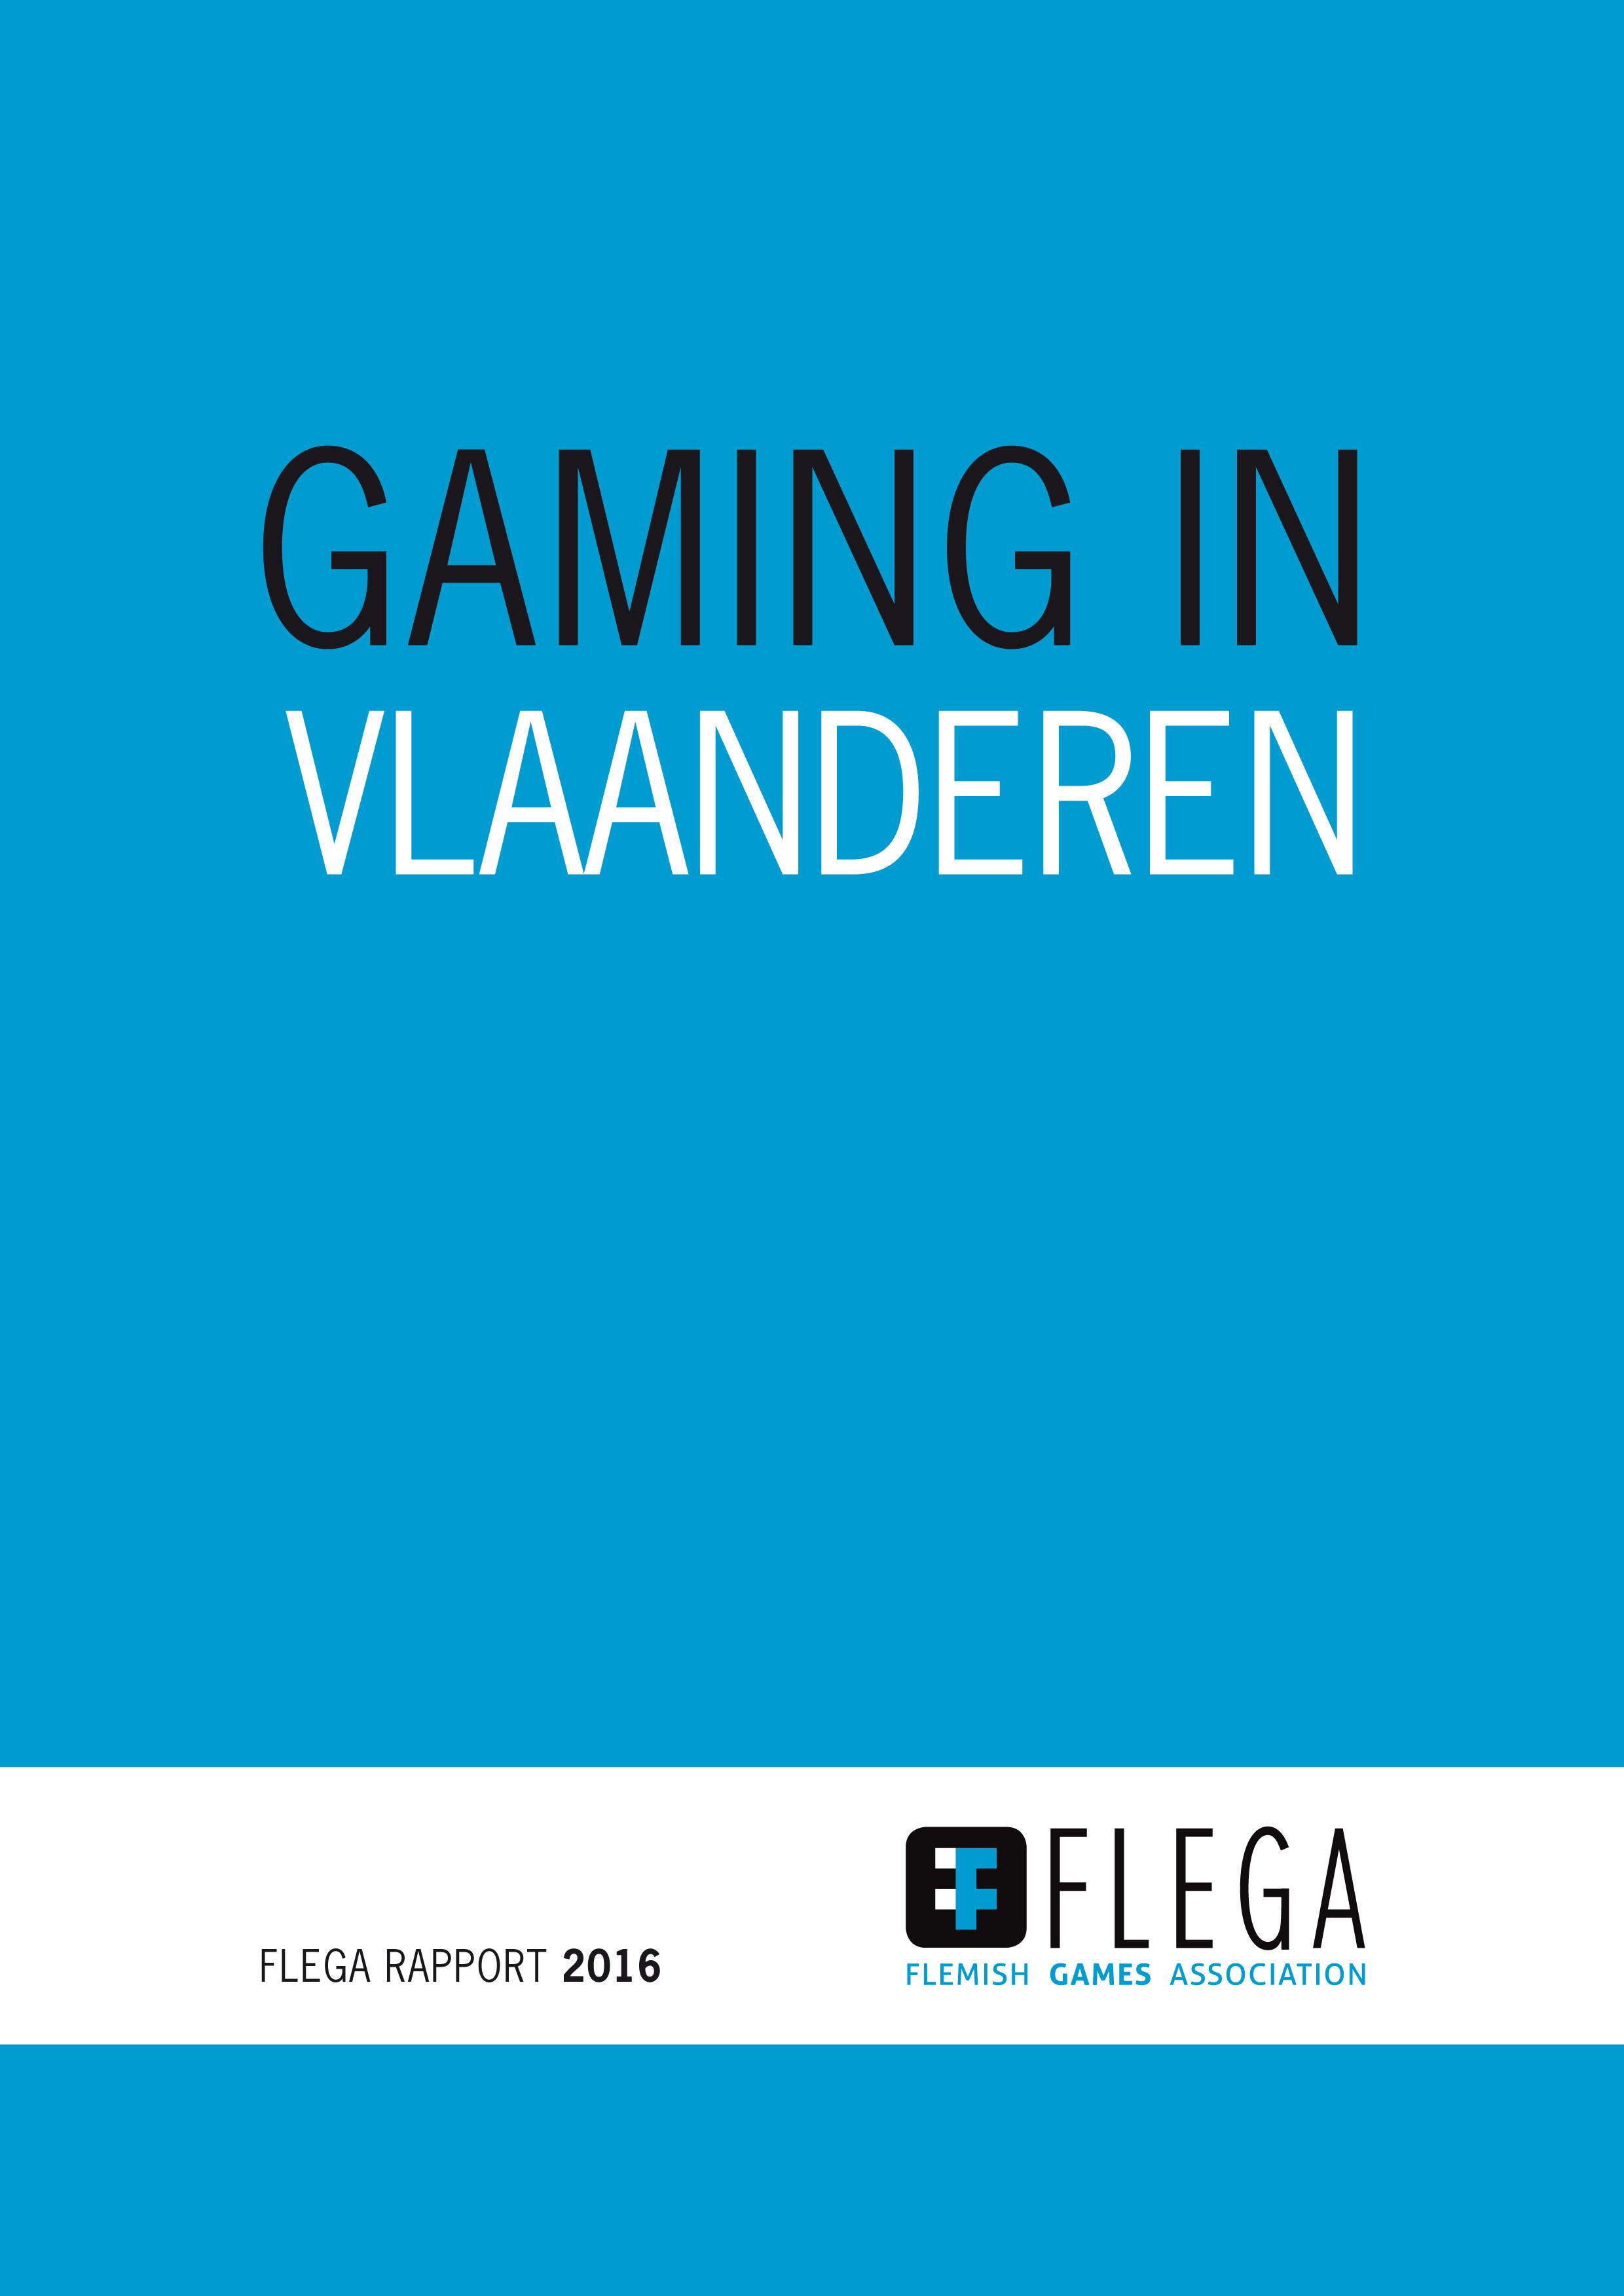 Belgium: Gaming in Vlaanderen 2016